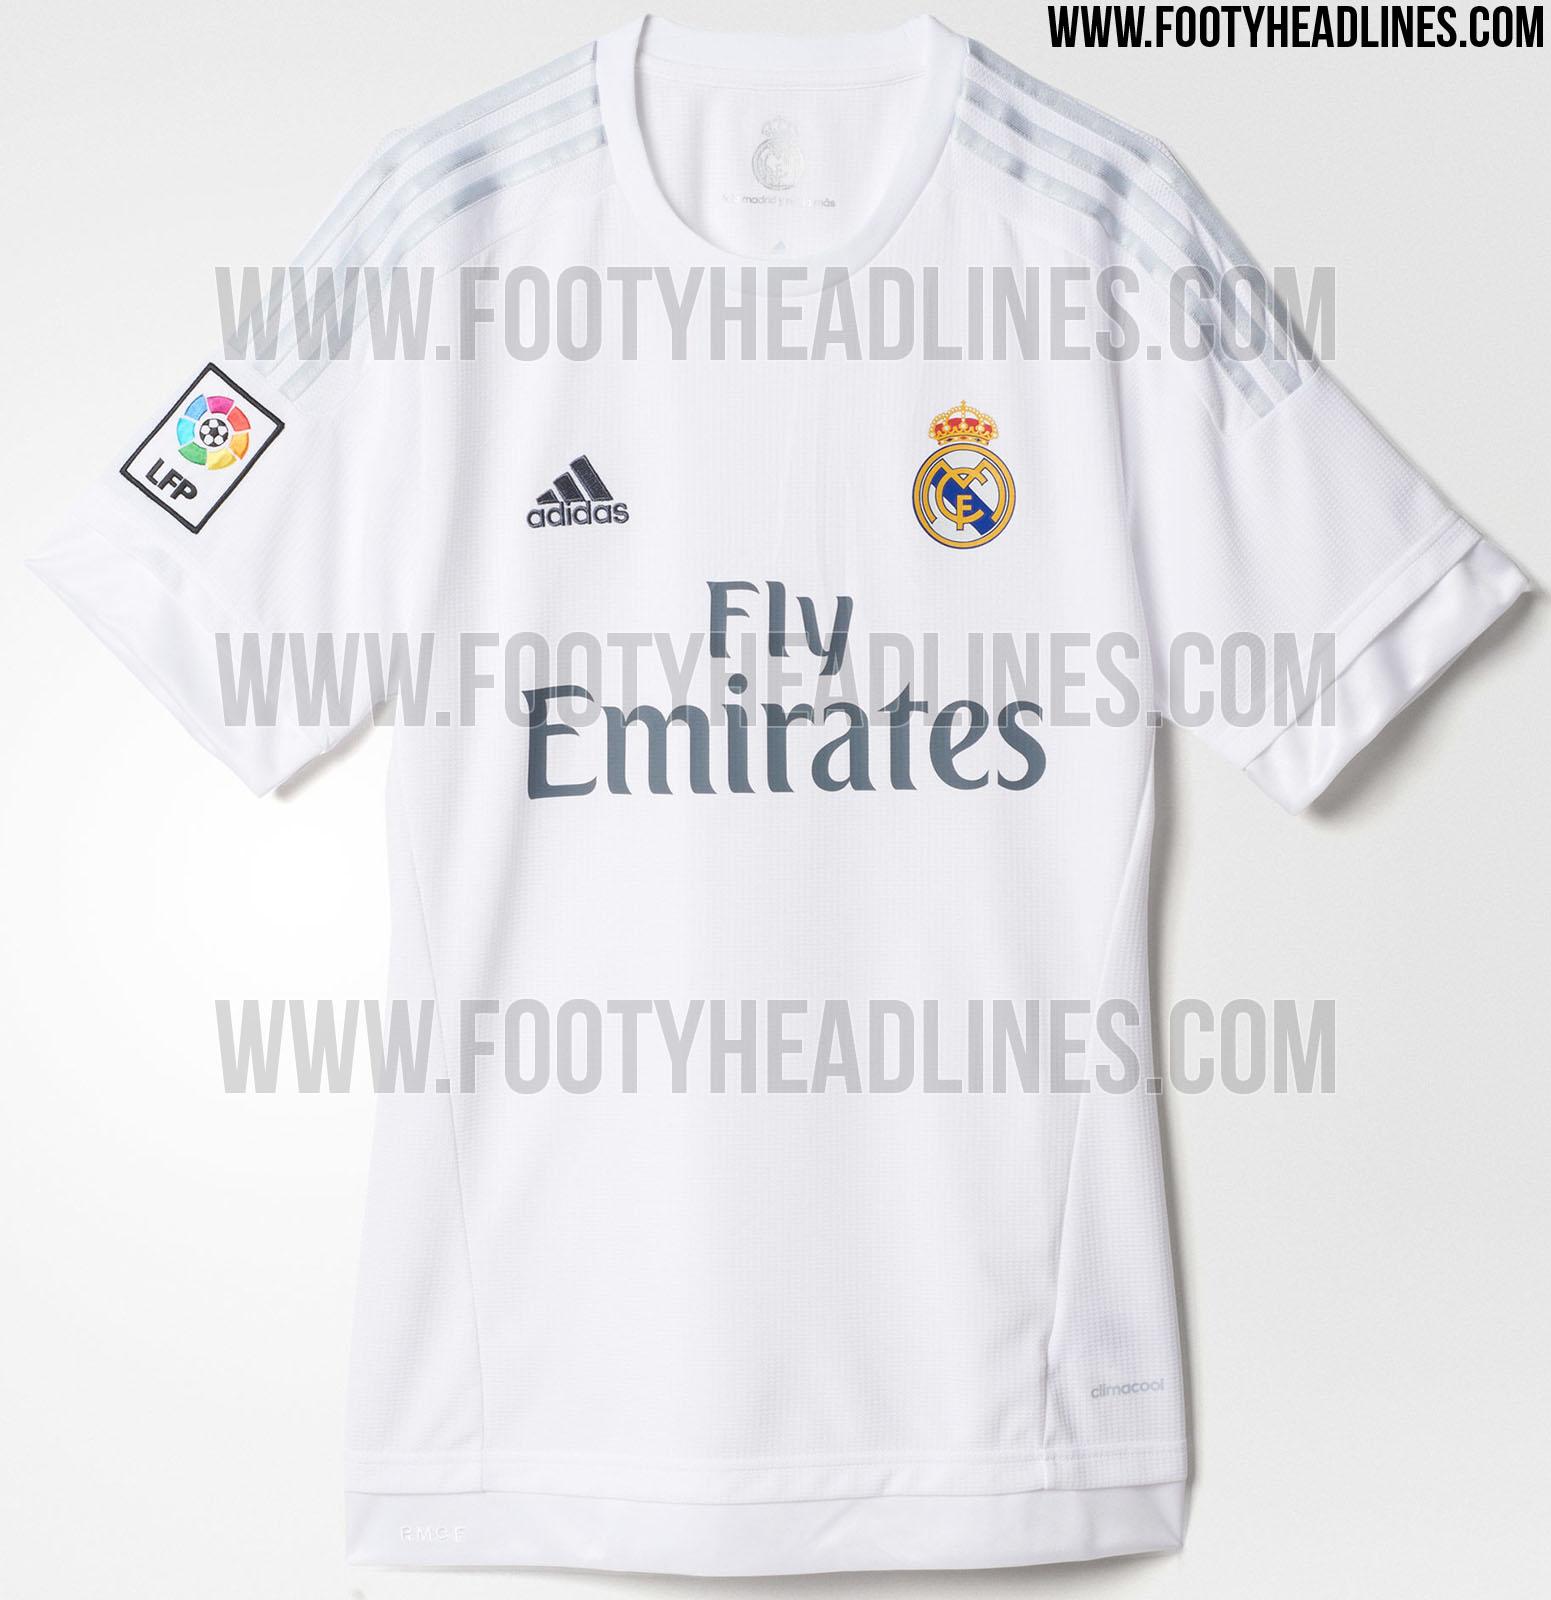 El Real Madrid presentará sus camisetas 201516 el 15 de